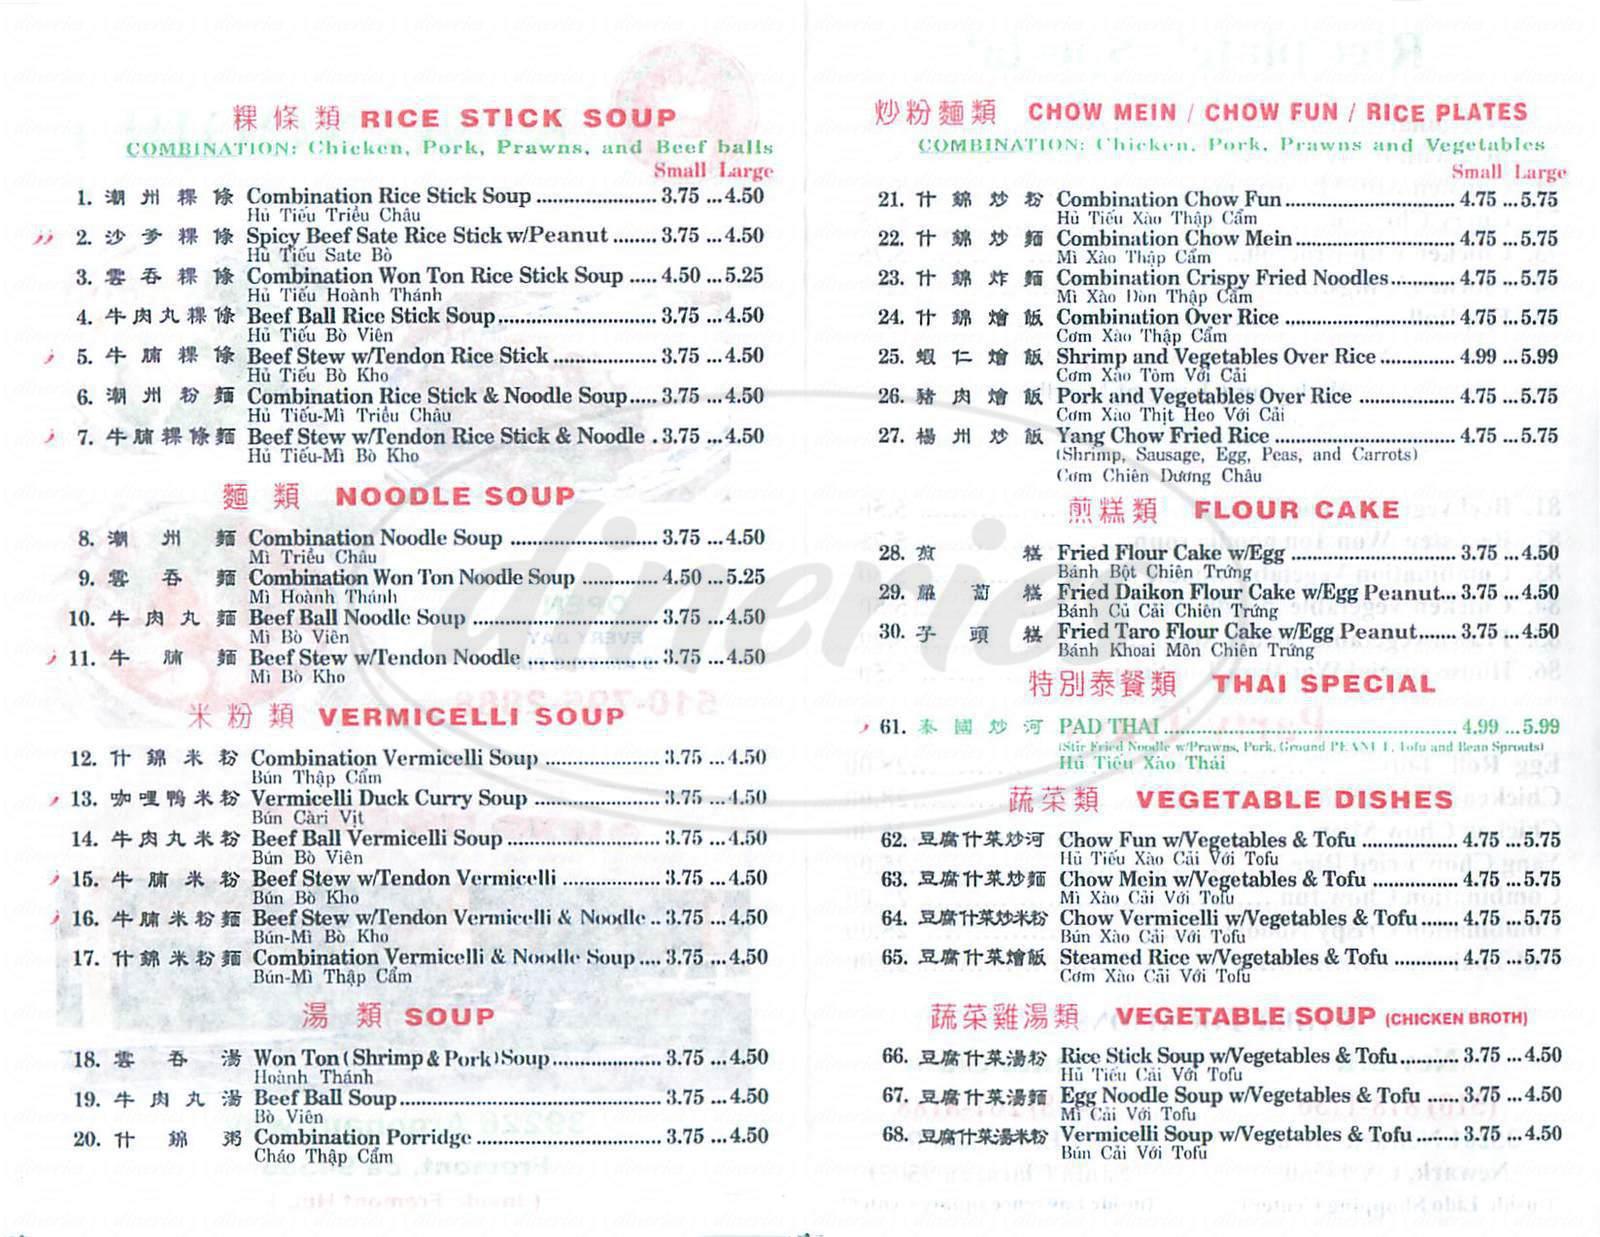 menu for King Noodle